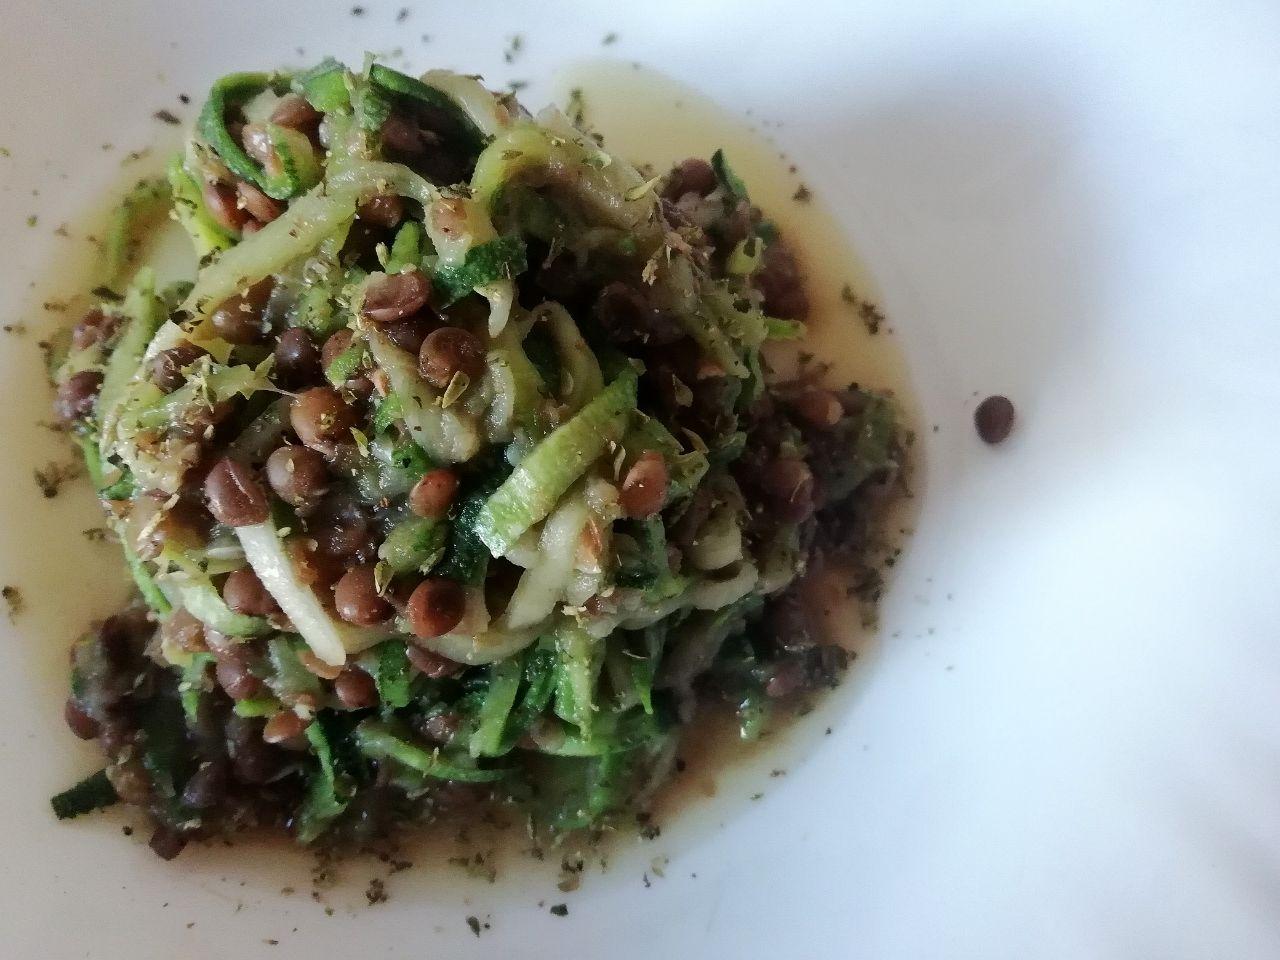 Ricette senza glutine a base di legumi: spaghetti di zucchine con lenticchie!